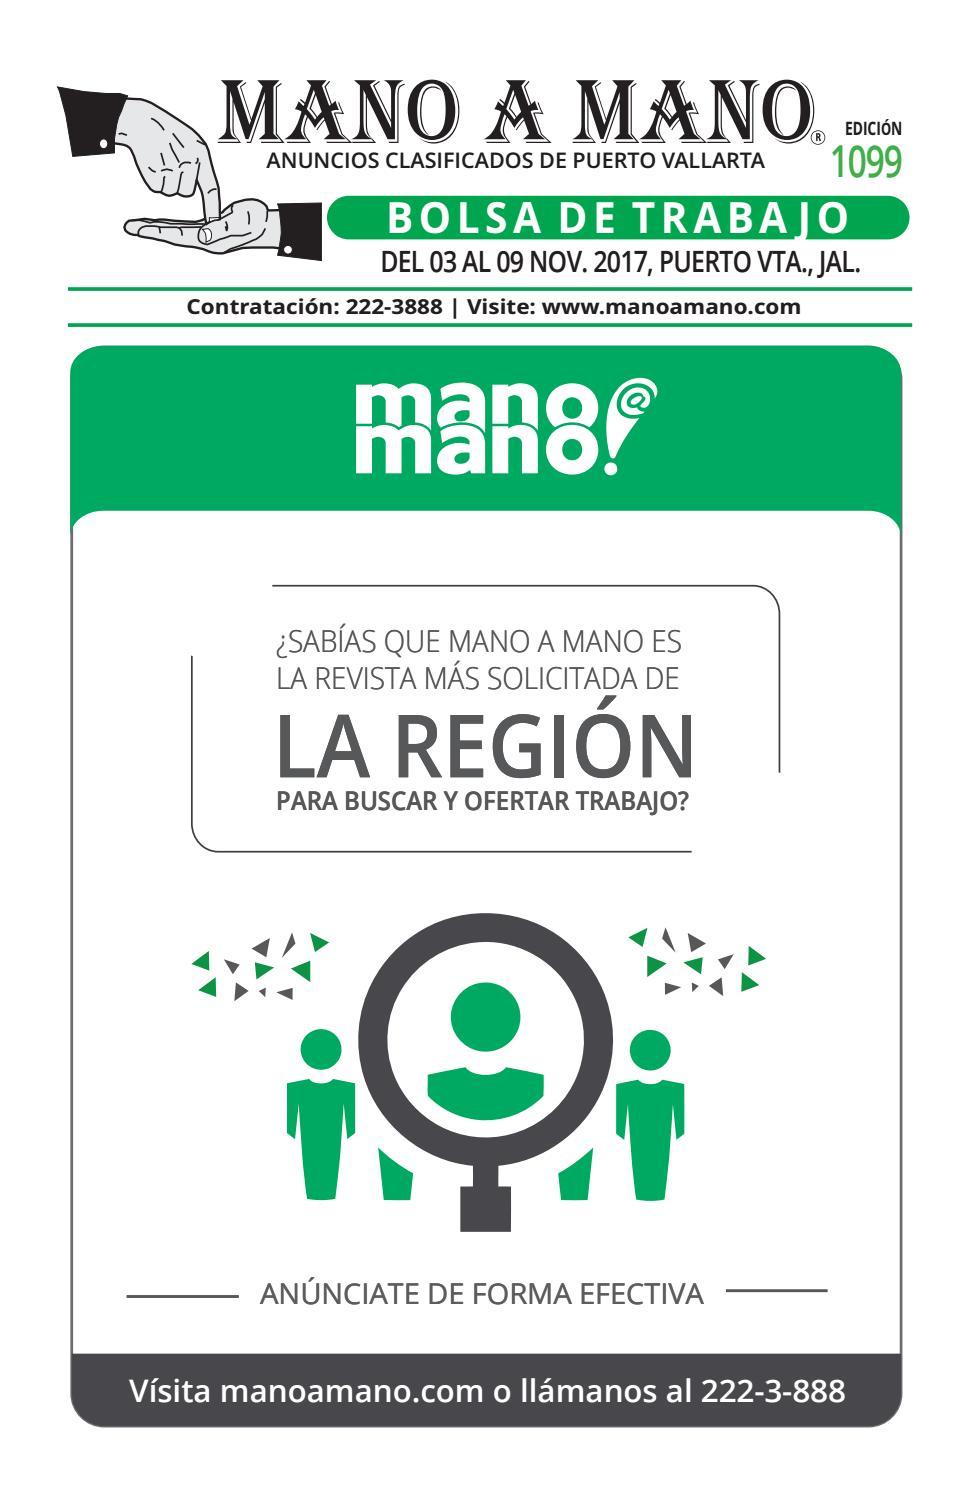 Bolsa trabajo 1099 by MANO A MANO - issuu